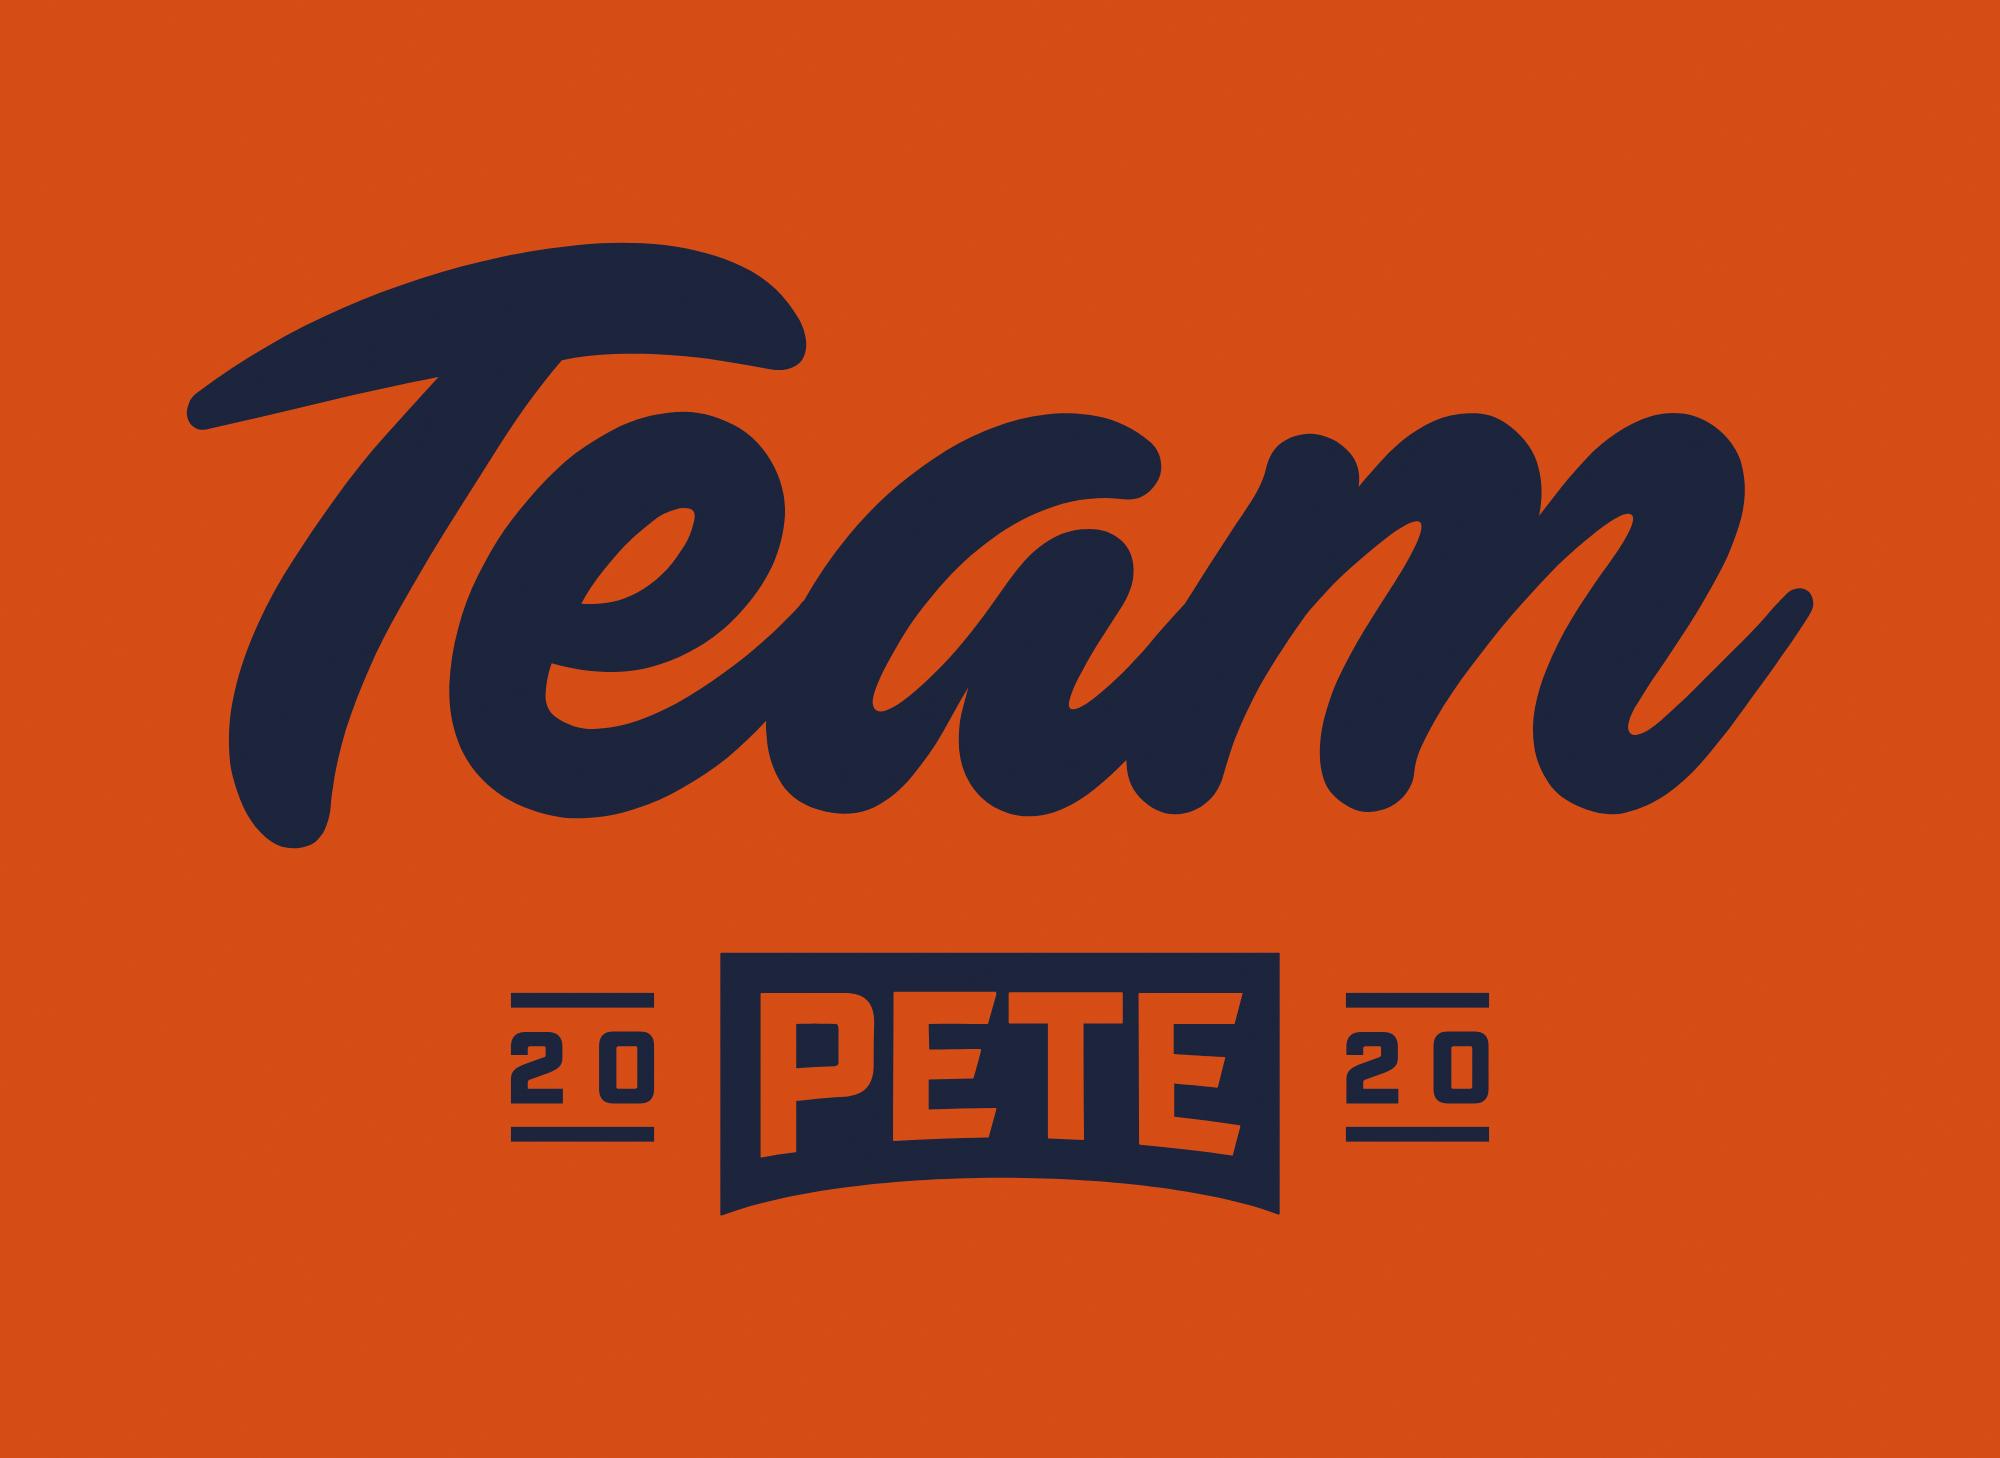 Brand New New Logo and Identity for Pete Buttigieg by Hyperakt 2000x1458